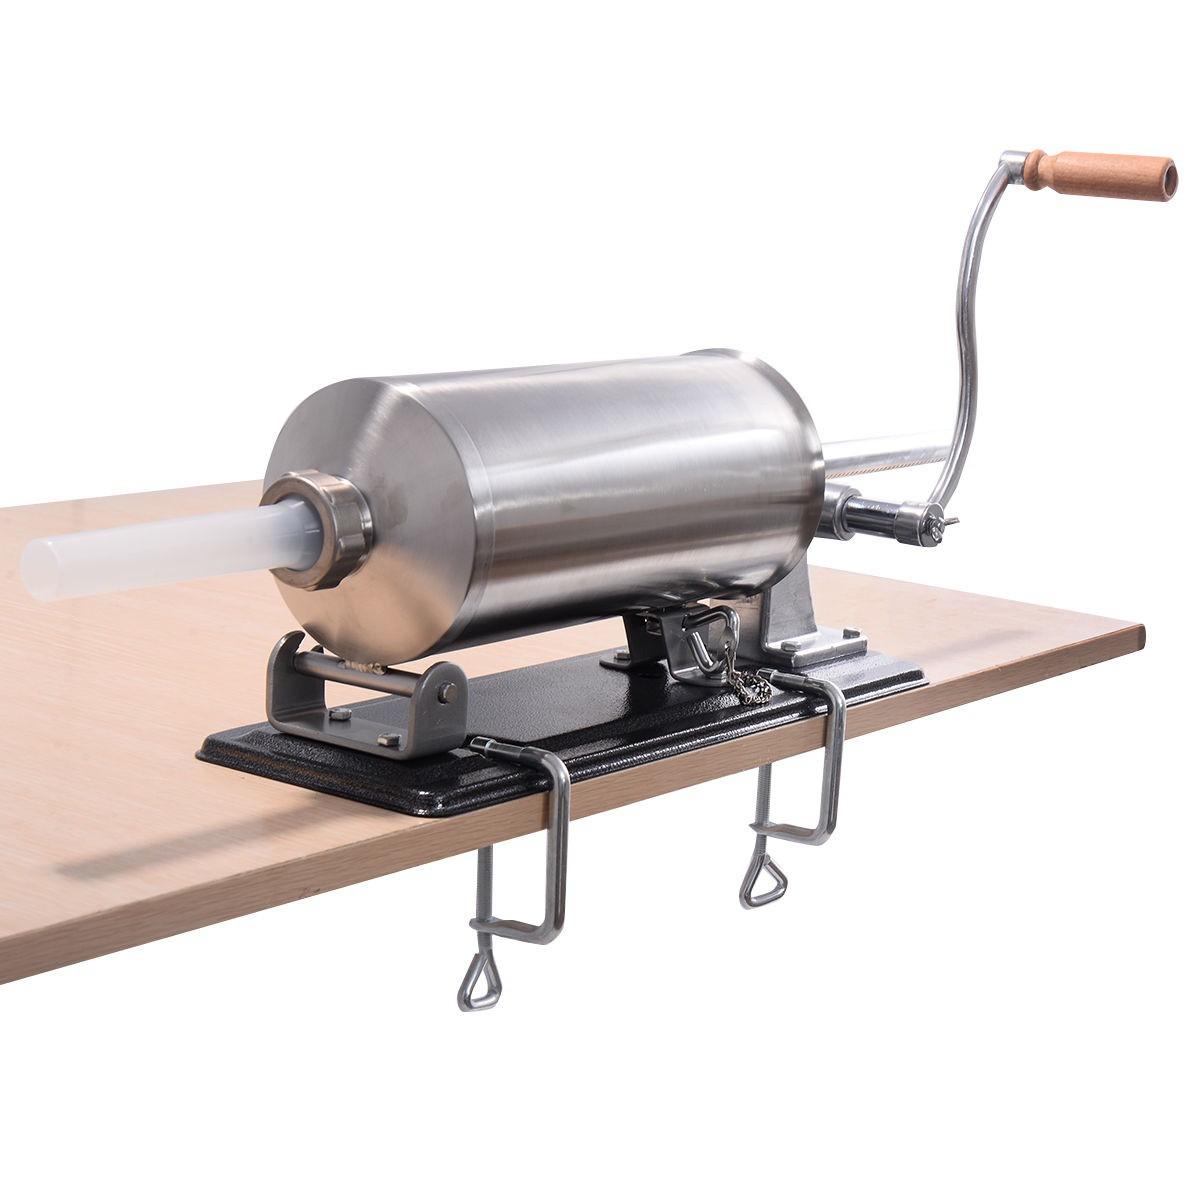 máy đùn xúc xích, lạp xưởng ngày tết - Inox 304 - 3L 1